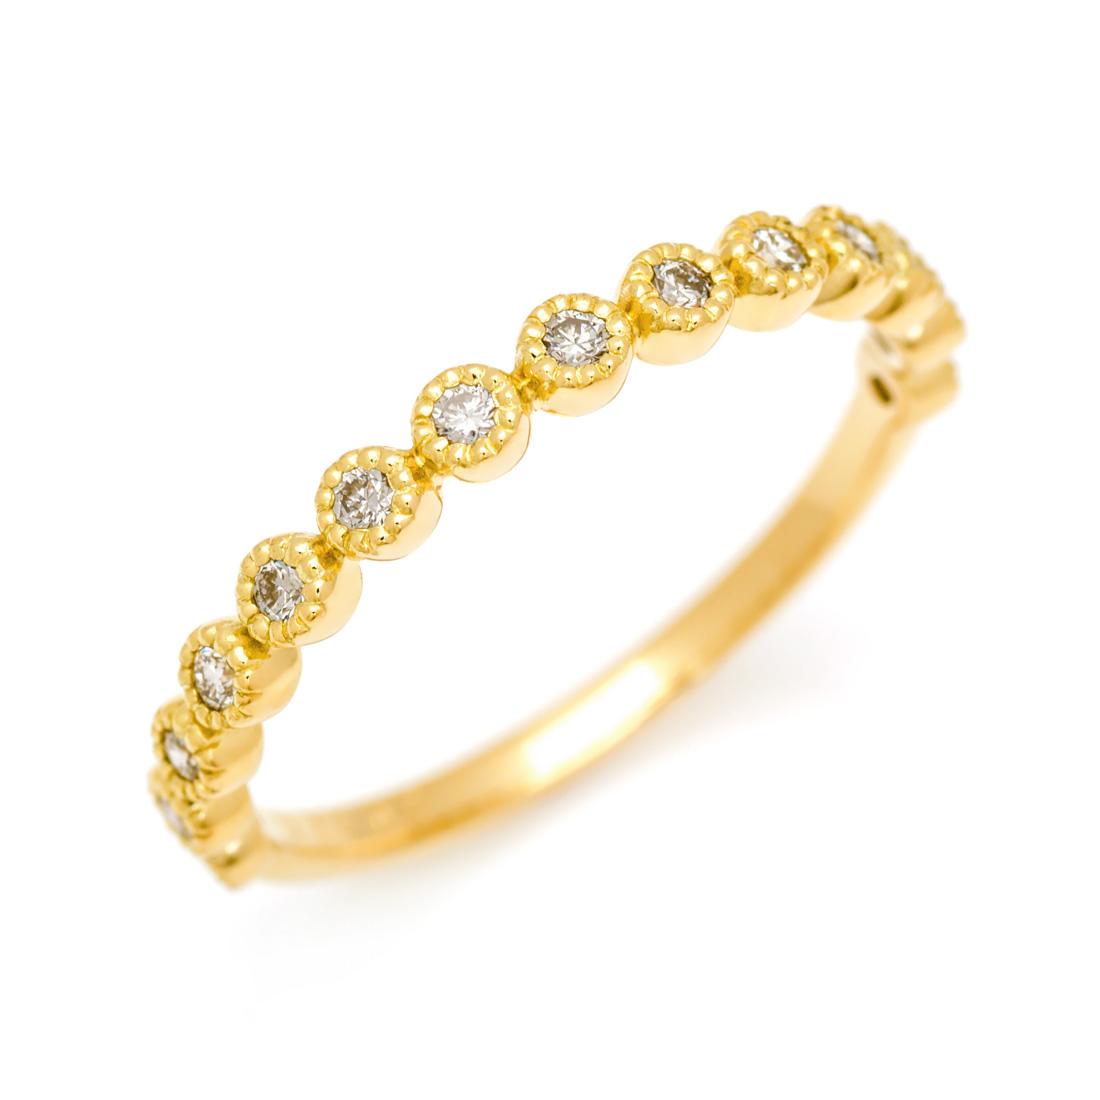 K18 ダイヤモンド 0.2ct エタニティ リング送料無料 指輪 ゴールド 18K 18金 ダイアモンド エタニティーリング ミル打ち 誕生日 4月誕生石 刻印 文字入れ メッセージ ギフト 贈り物 ピンキーリング対応可能